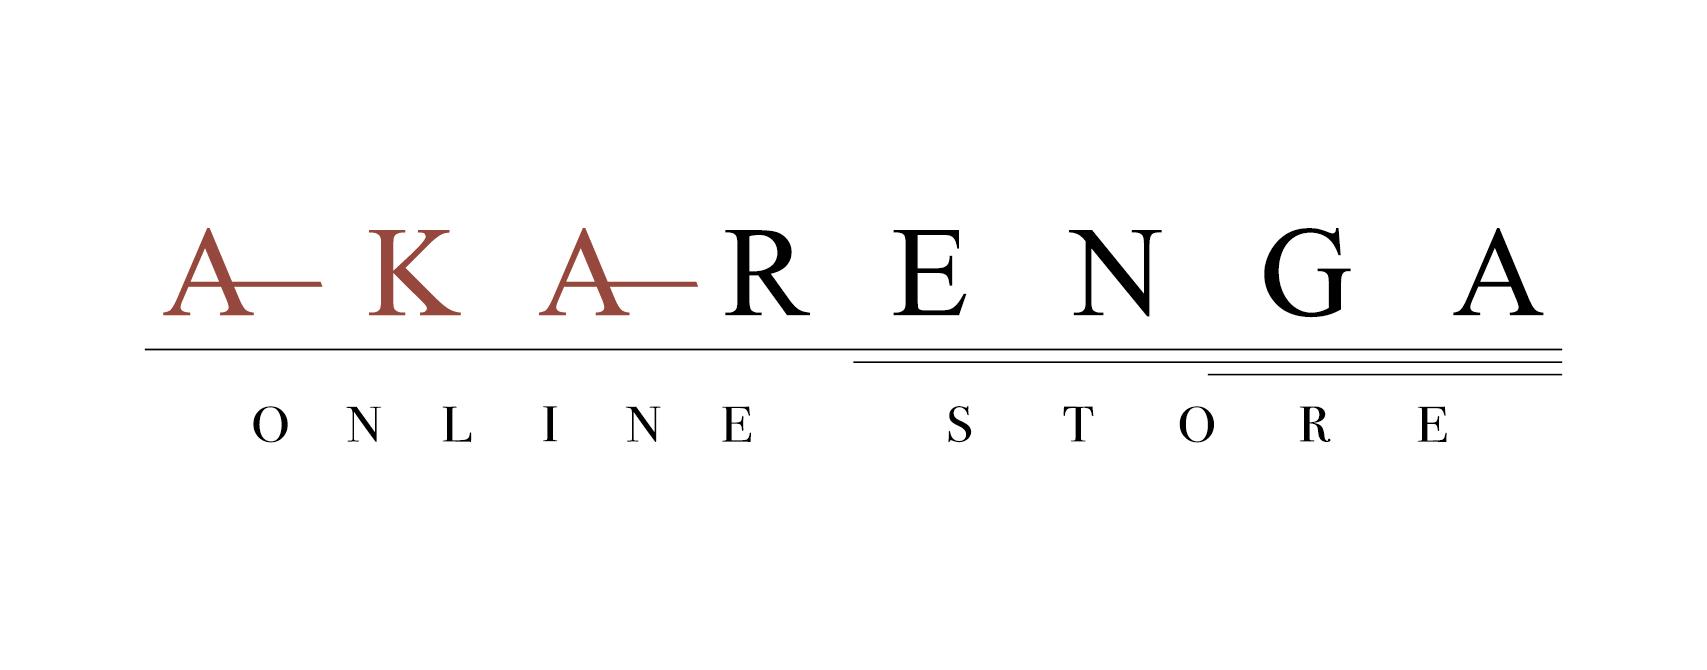 AKARENGA ONLINE STORE